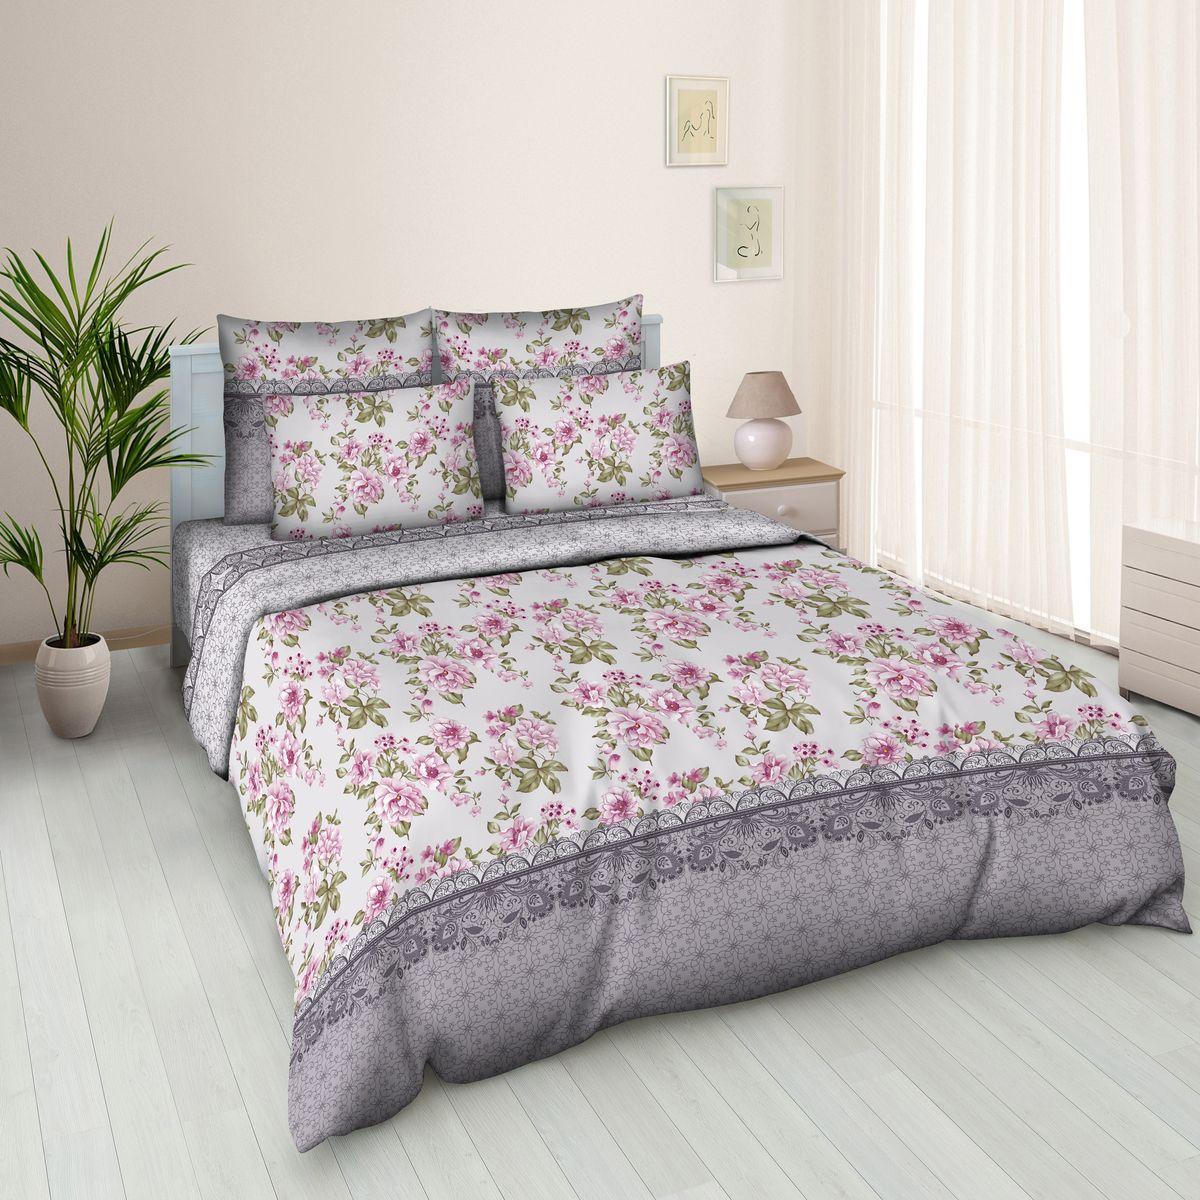 Комплект белья Amore Mio Tochka, 1,5-спальный, наволочки 70х7087518Постельное белье из бязи практично и долговечно, а самое главное - это 100% хлопок! Материал великолепно отводит влагу, отлично пропускает воздух, не капризен в уходе, легко стирается и гладится. Новая коллекция Naturel 3-D дизайнов позволит выбрать постельное белье на любой вкус!